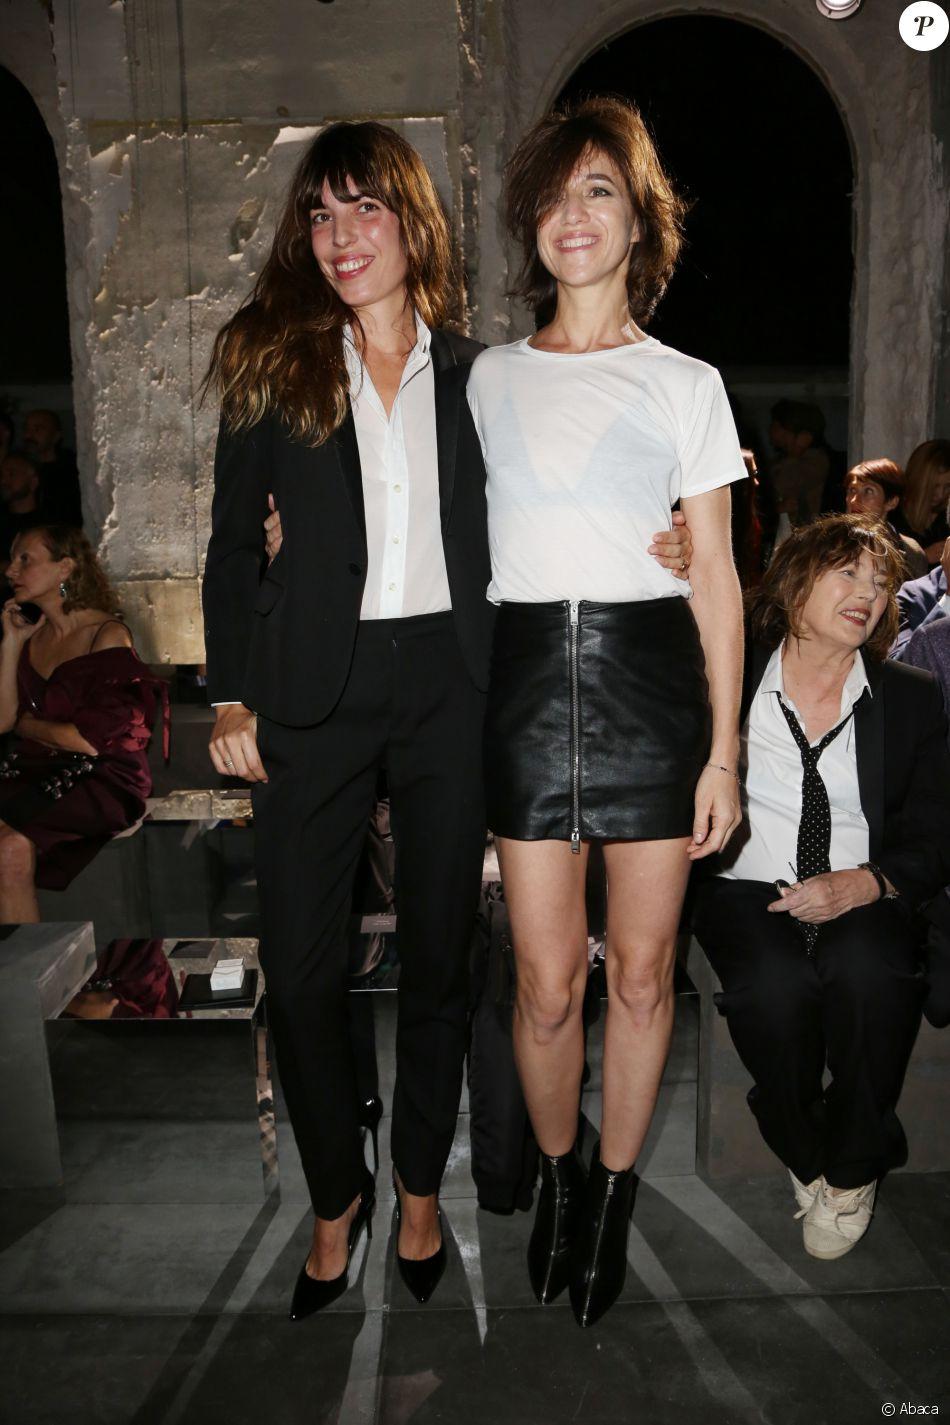 Lou Doillon et Charlotte Gainsbourg - Personnalités au défilé de mode  quot Saint  Laurent  quot 375562d61d1